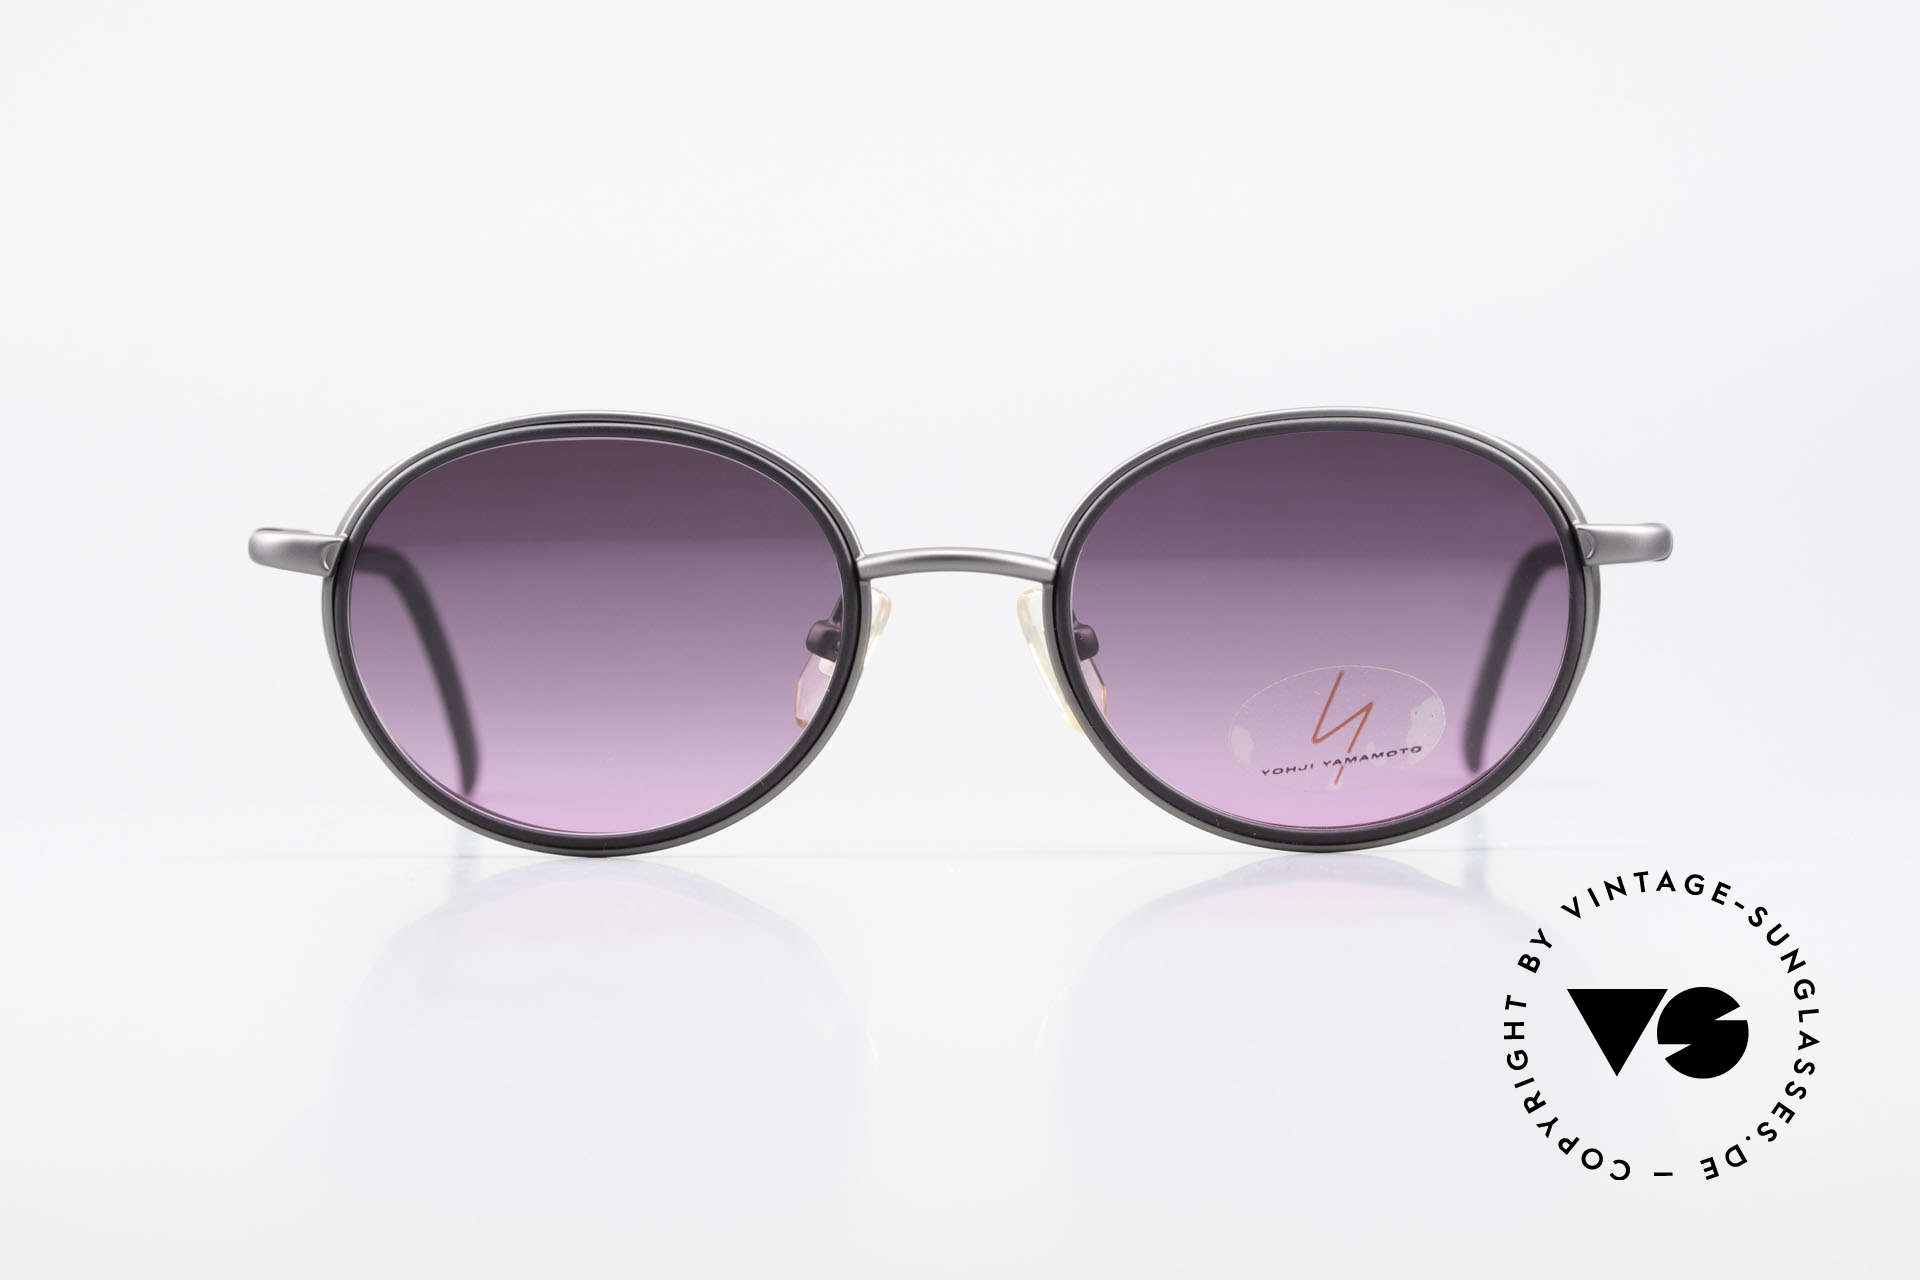 Yohji Yamamoto 51-6201 Seitenblenden Sonnenbrille, beste Verarbeitungsqualität & Materialien (Titanium), Passend für Damen